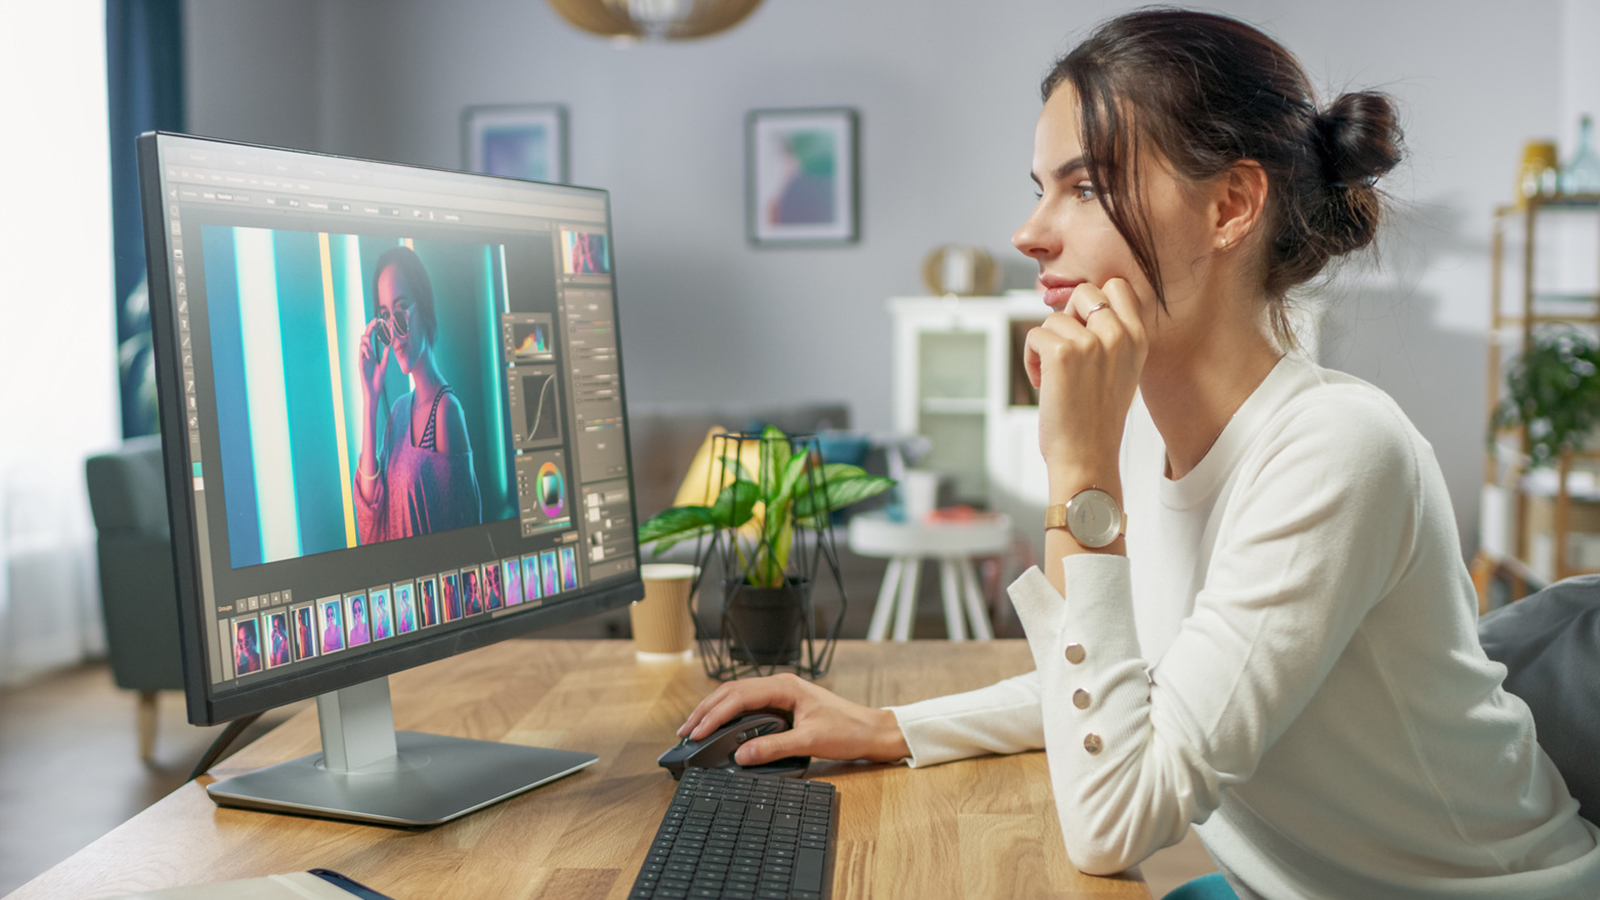 hogyan lehet egy számítógéppel pénzt keresni